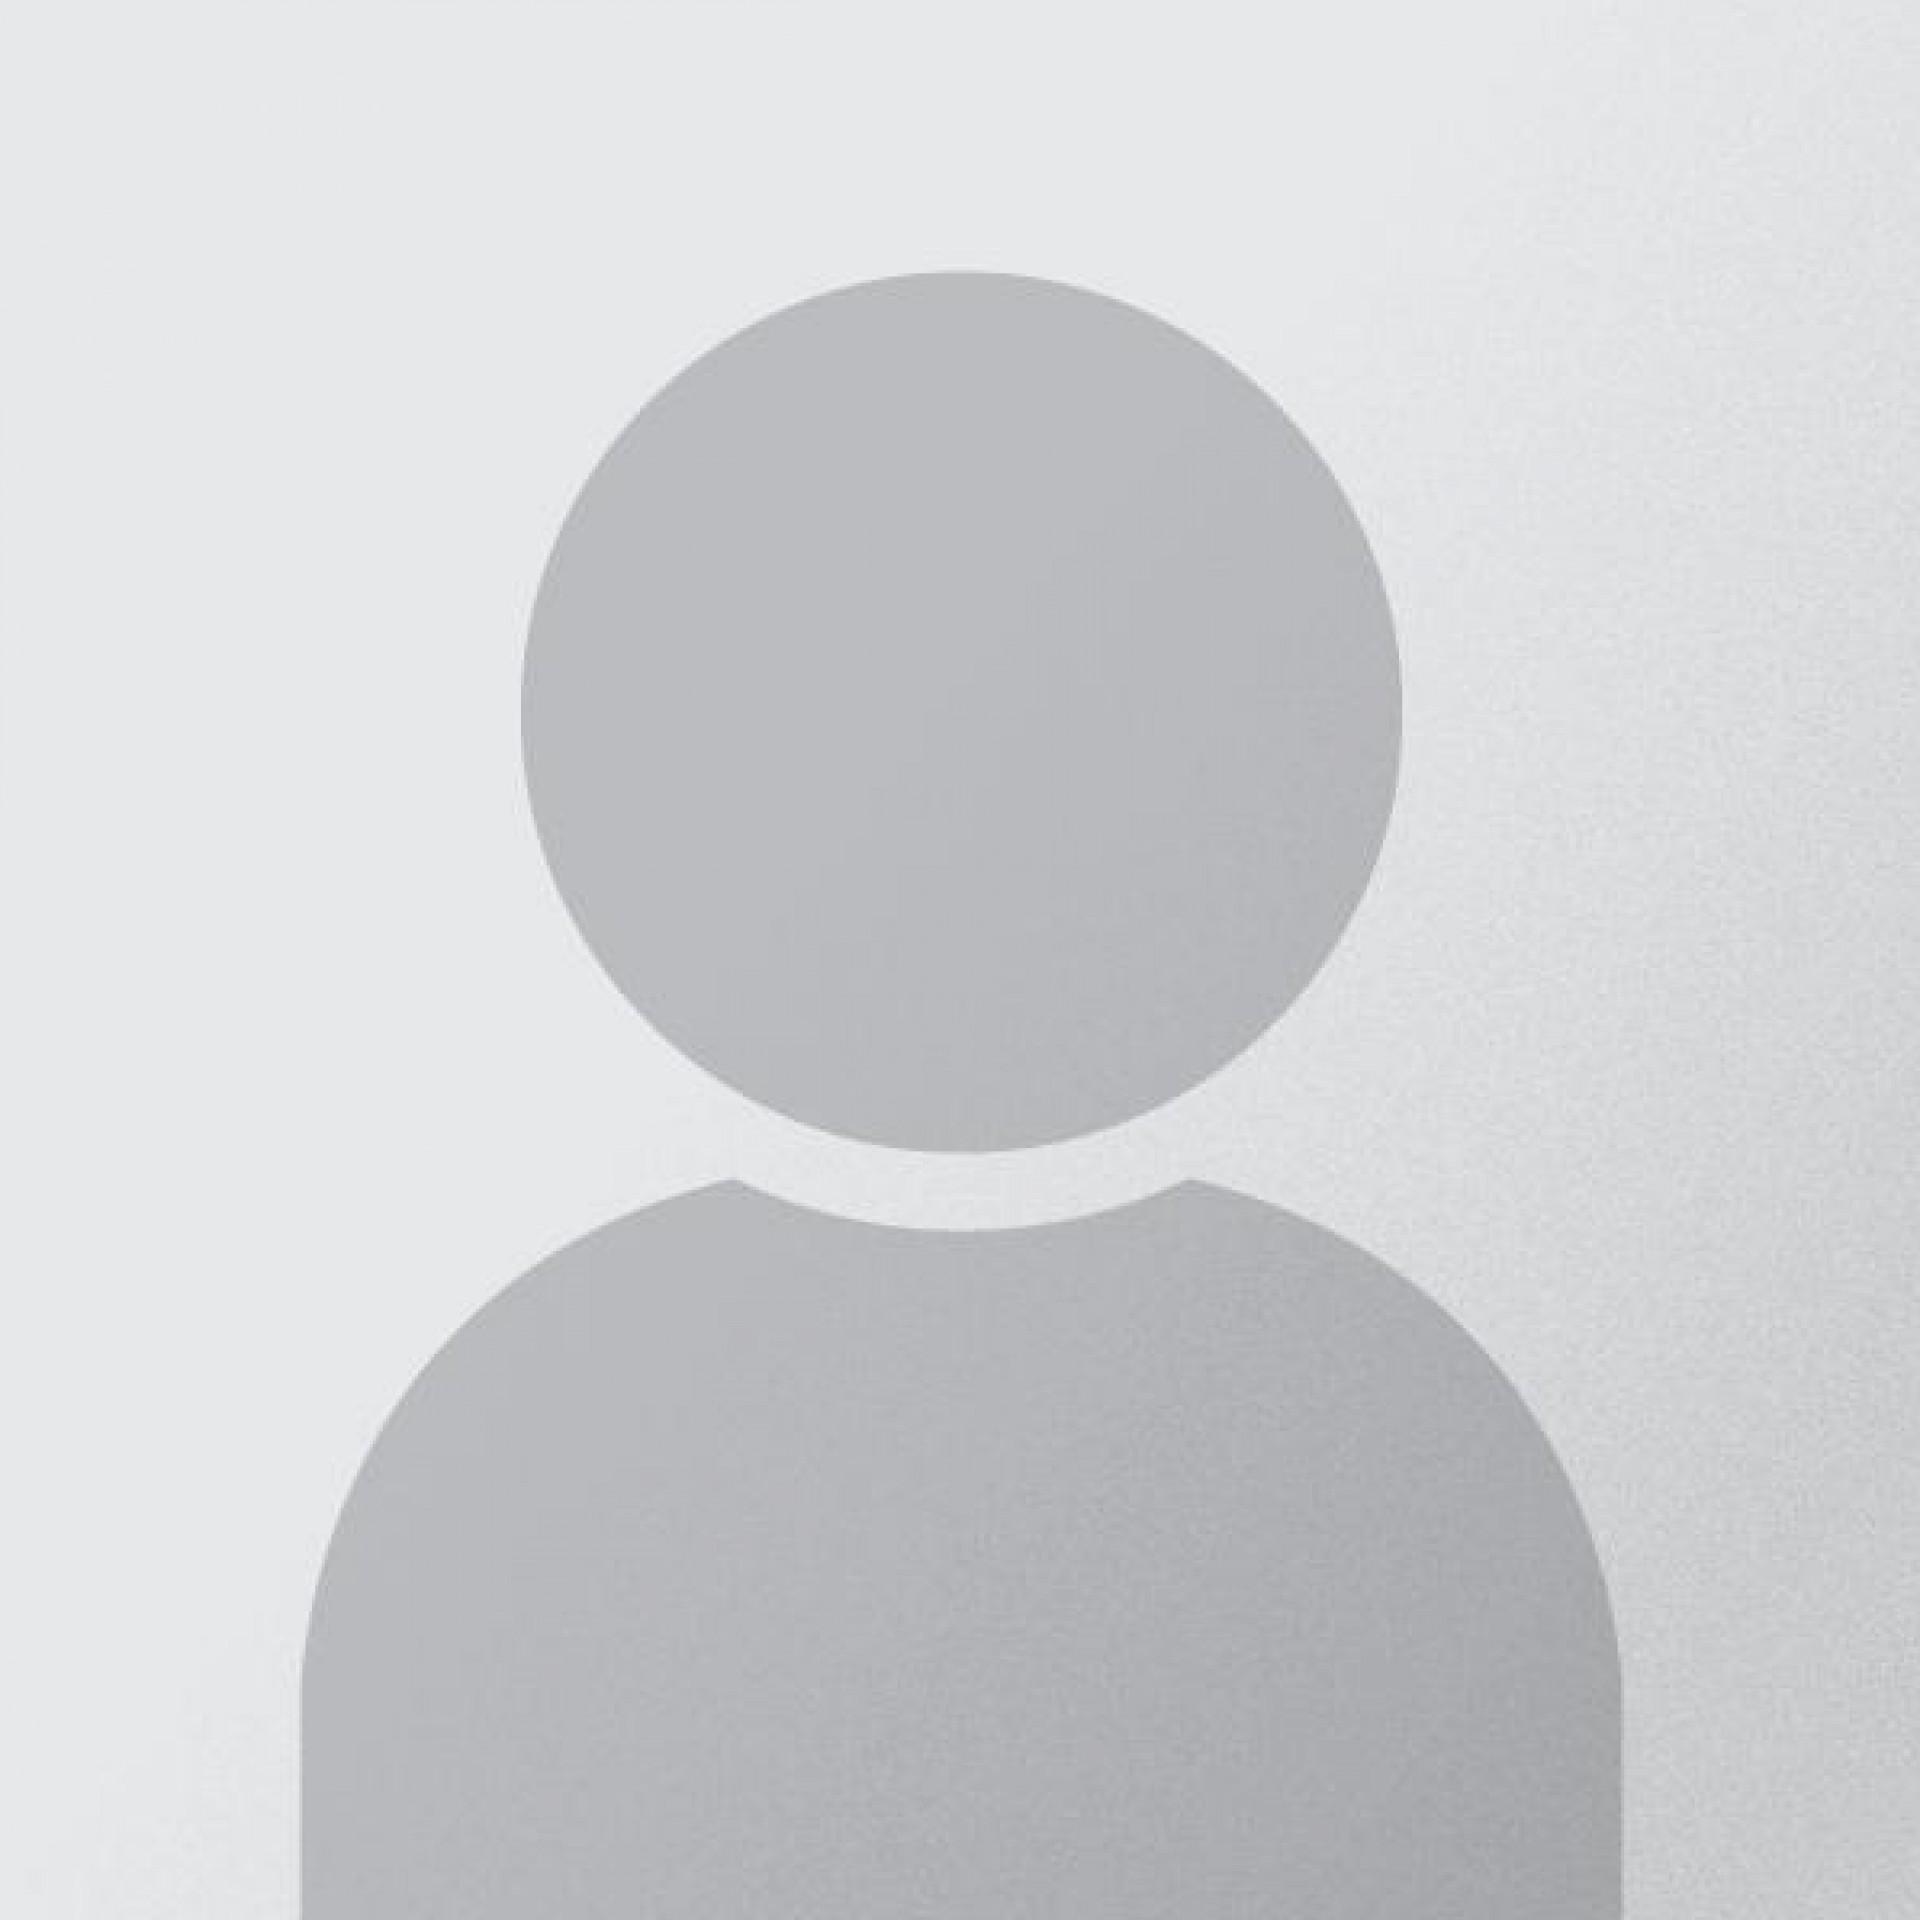 fotografia p021 profilu 0102E55HVE